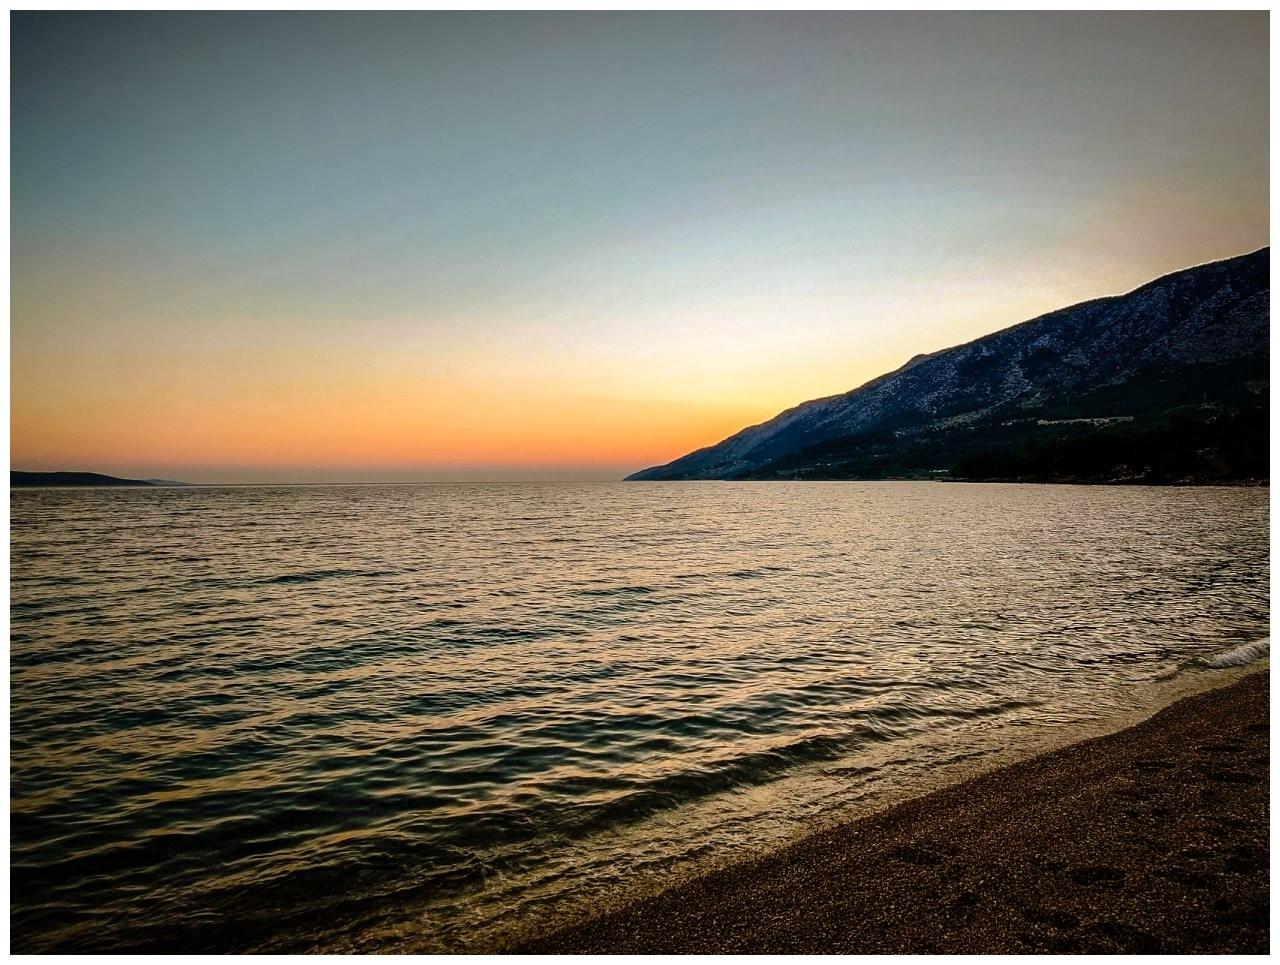 verlobungsshooting strand paarshooting hochzeit hochzeitsfotograf kroatien 2 - Verlobungsshooting am Strand